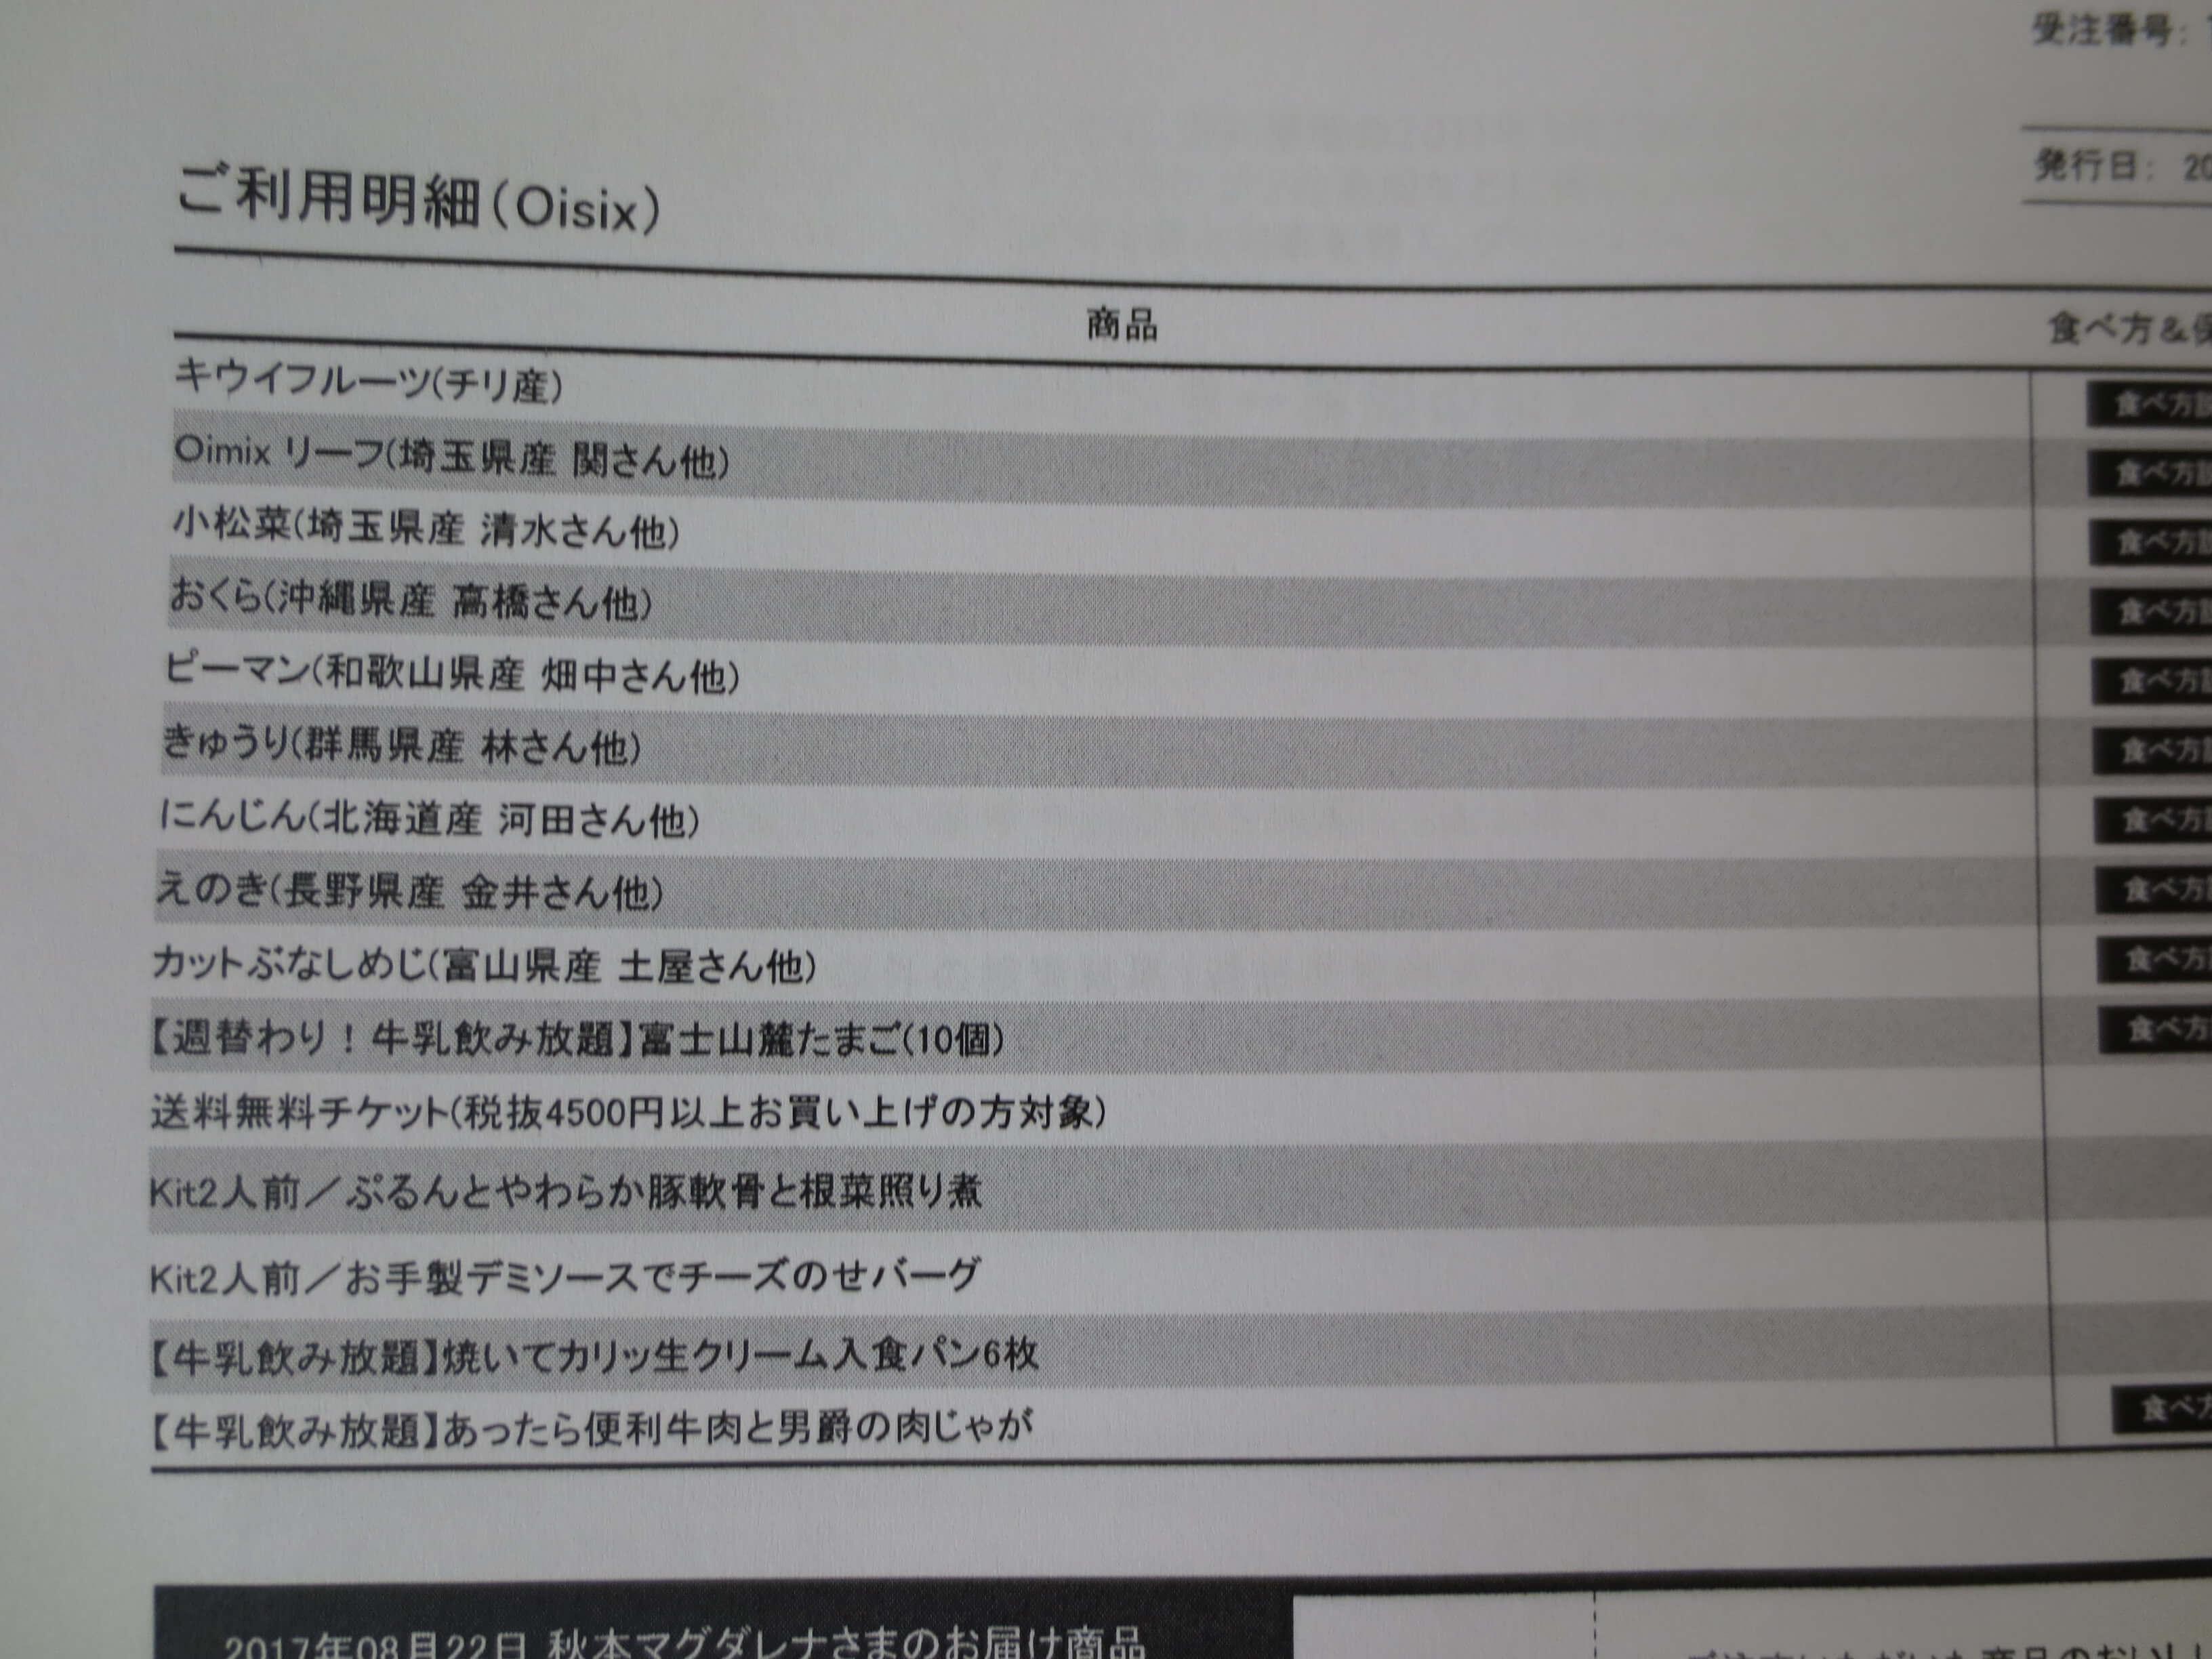 オイシックスKitOisixセット口コミ59